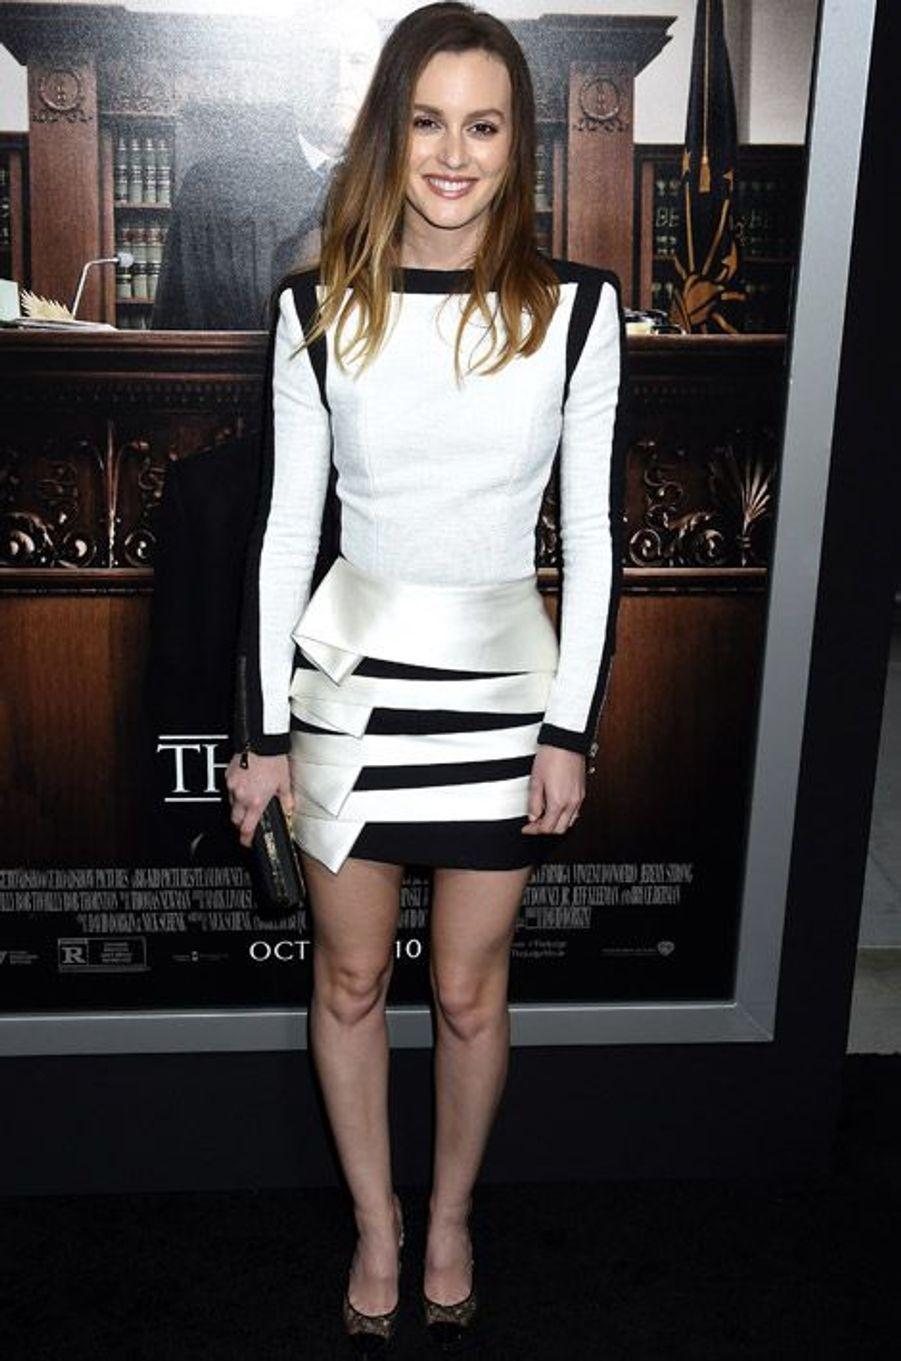 """L'actrice Leighton Meester en Balmain pour la première du film """"The Judge"""" à Los Angeles, le 1er octobre 2014"""